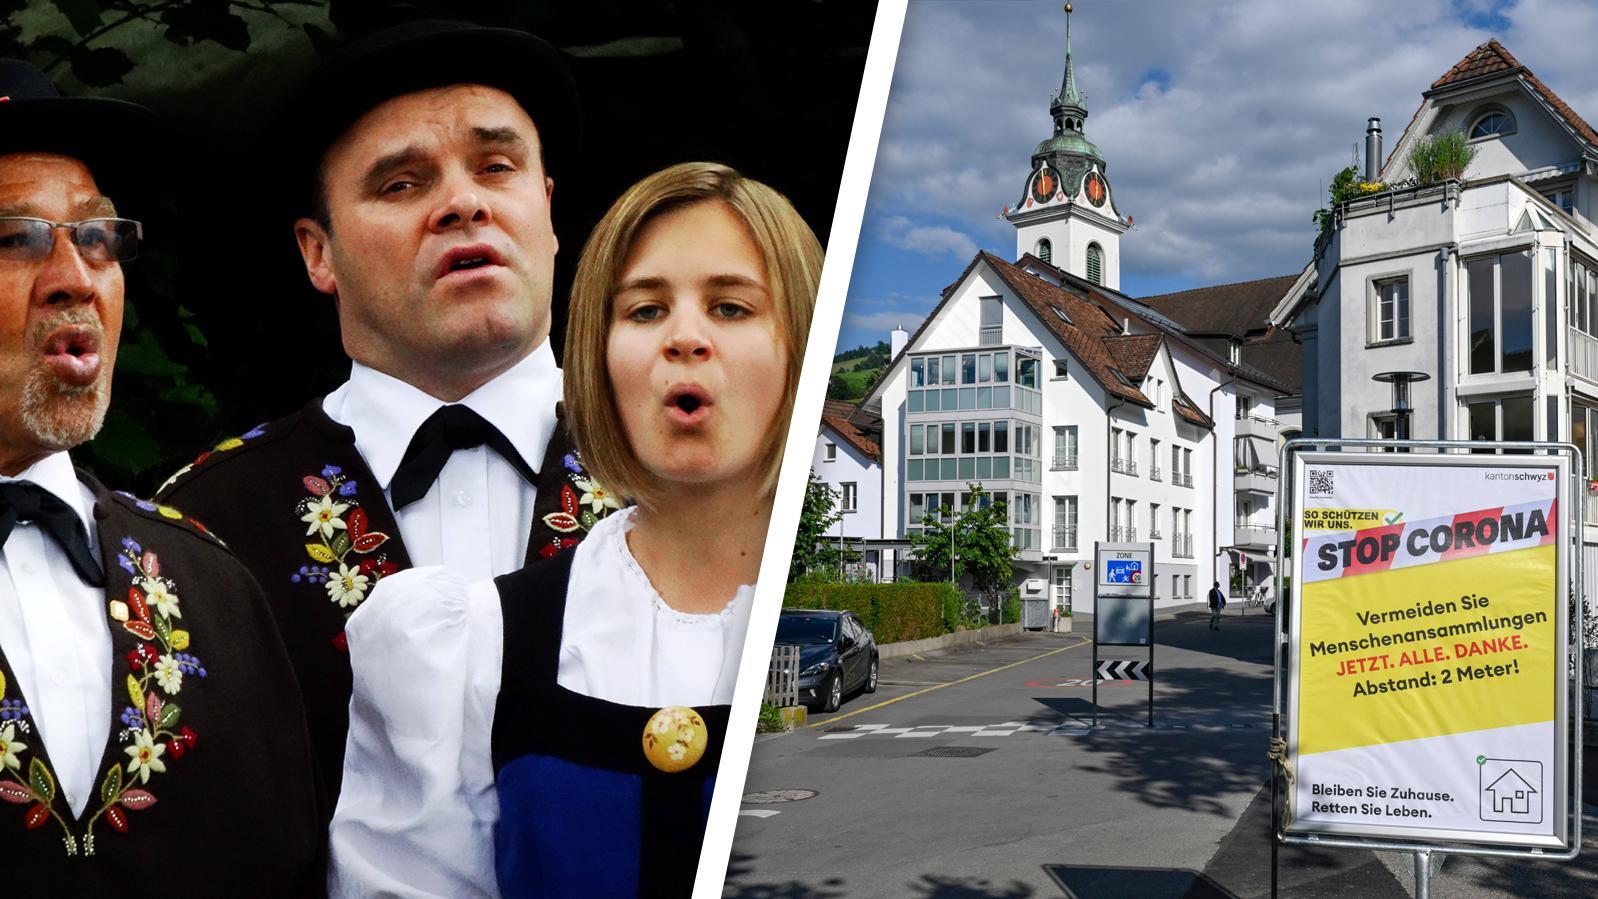 Nach einem Jodelkonzert ist das Kanton Schwyz nun Corona-Hotspot mit neuen Einschränkungen.